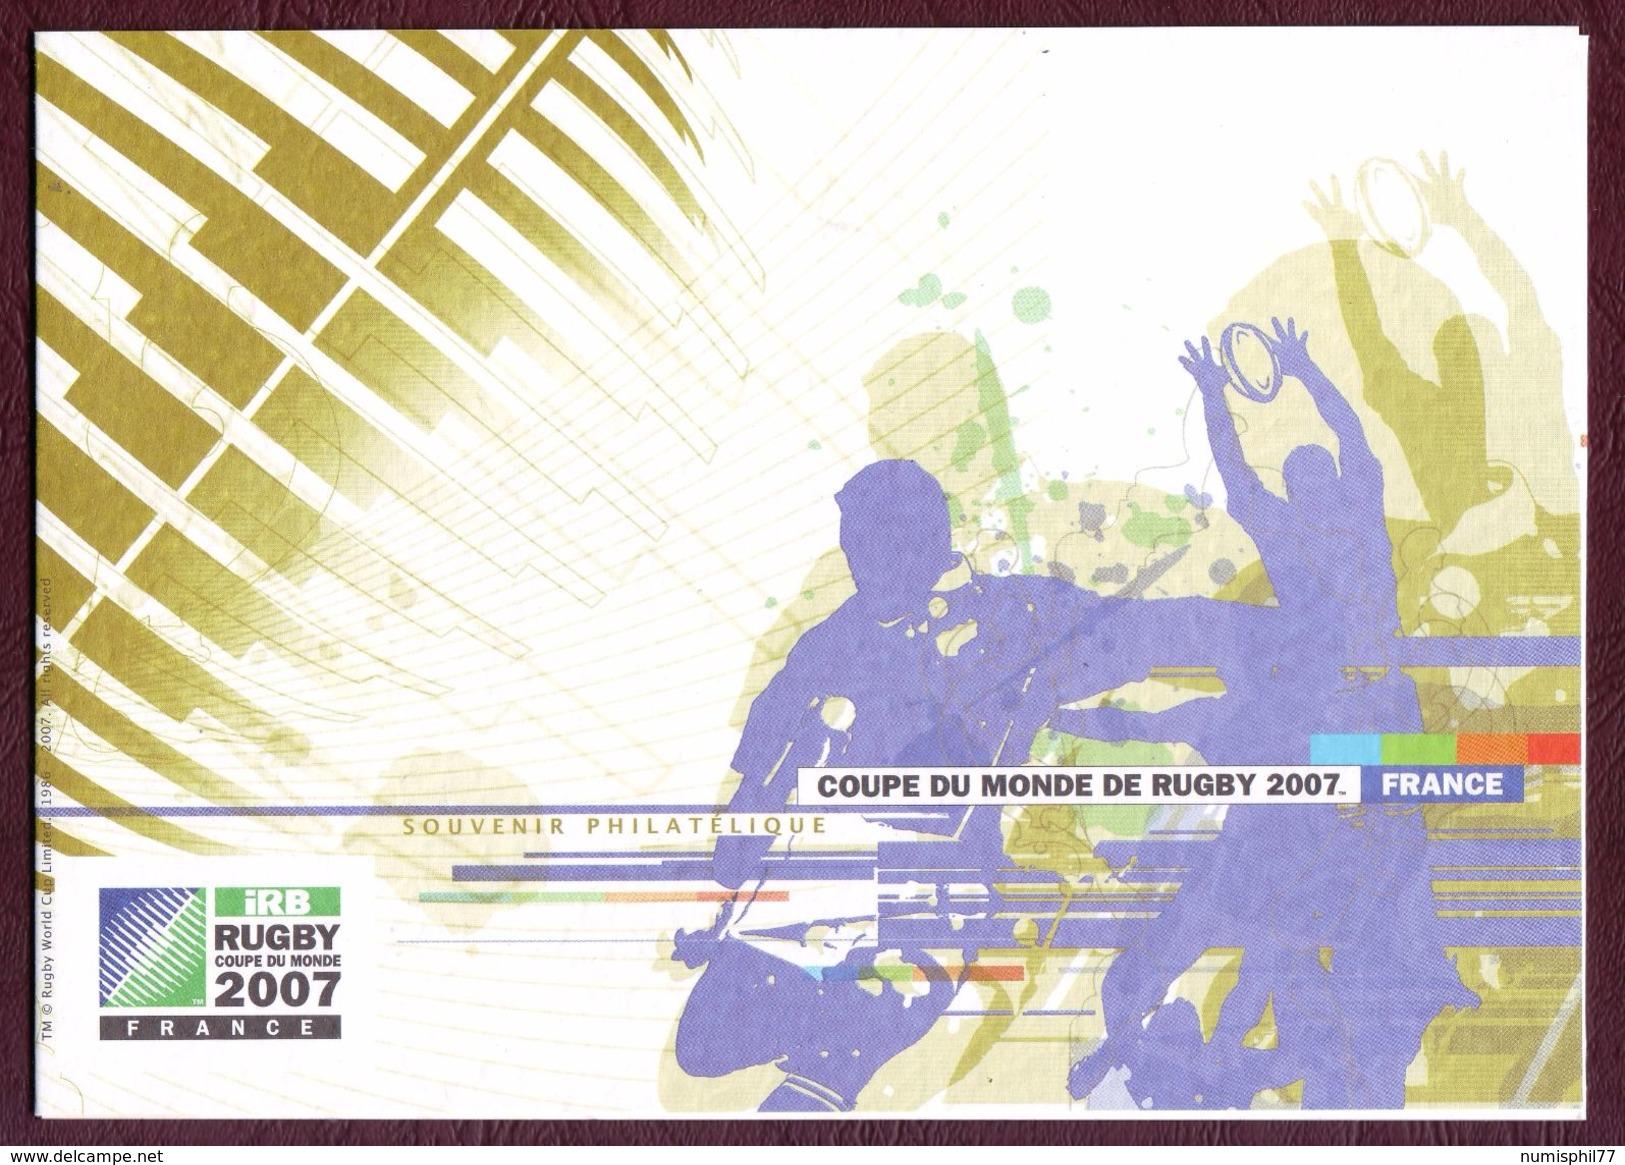 FRANCE 2007 -  COUPE DU MONDE DE RUGBY - Timbre Lenticulaire Oblitération PARIS - 3 Volets Format A5 - Blocs Souvenir